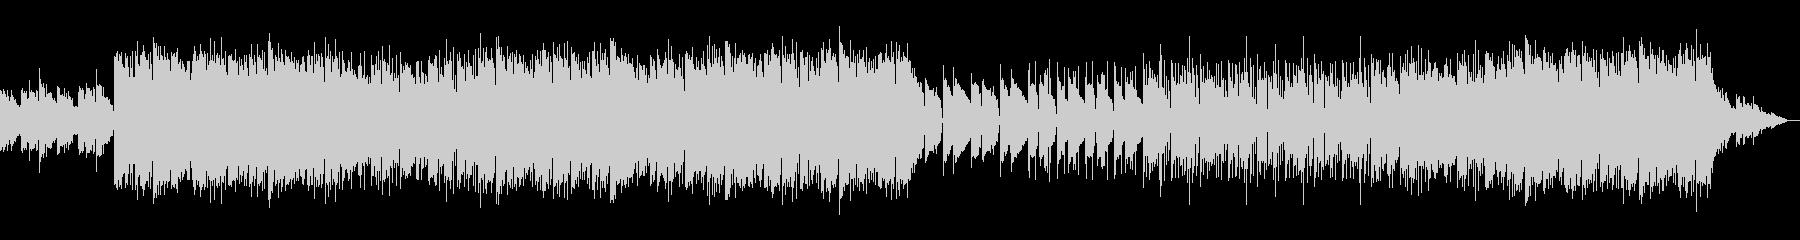 ドラムの音量を下げたバージョンの未再生の波形